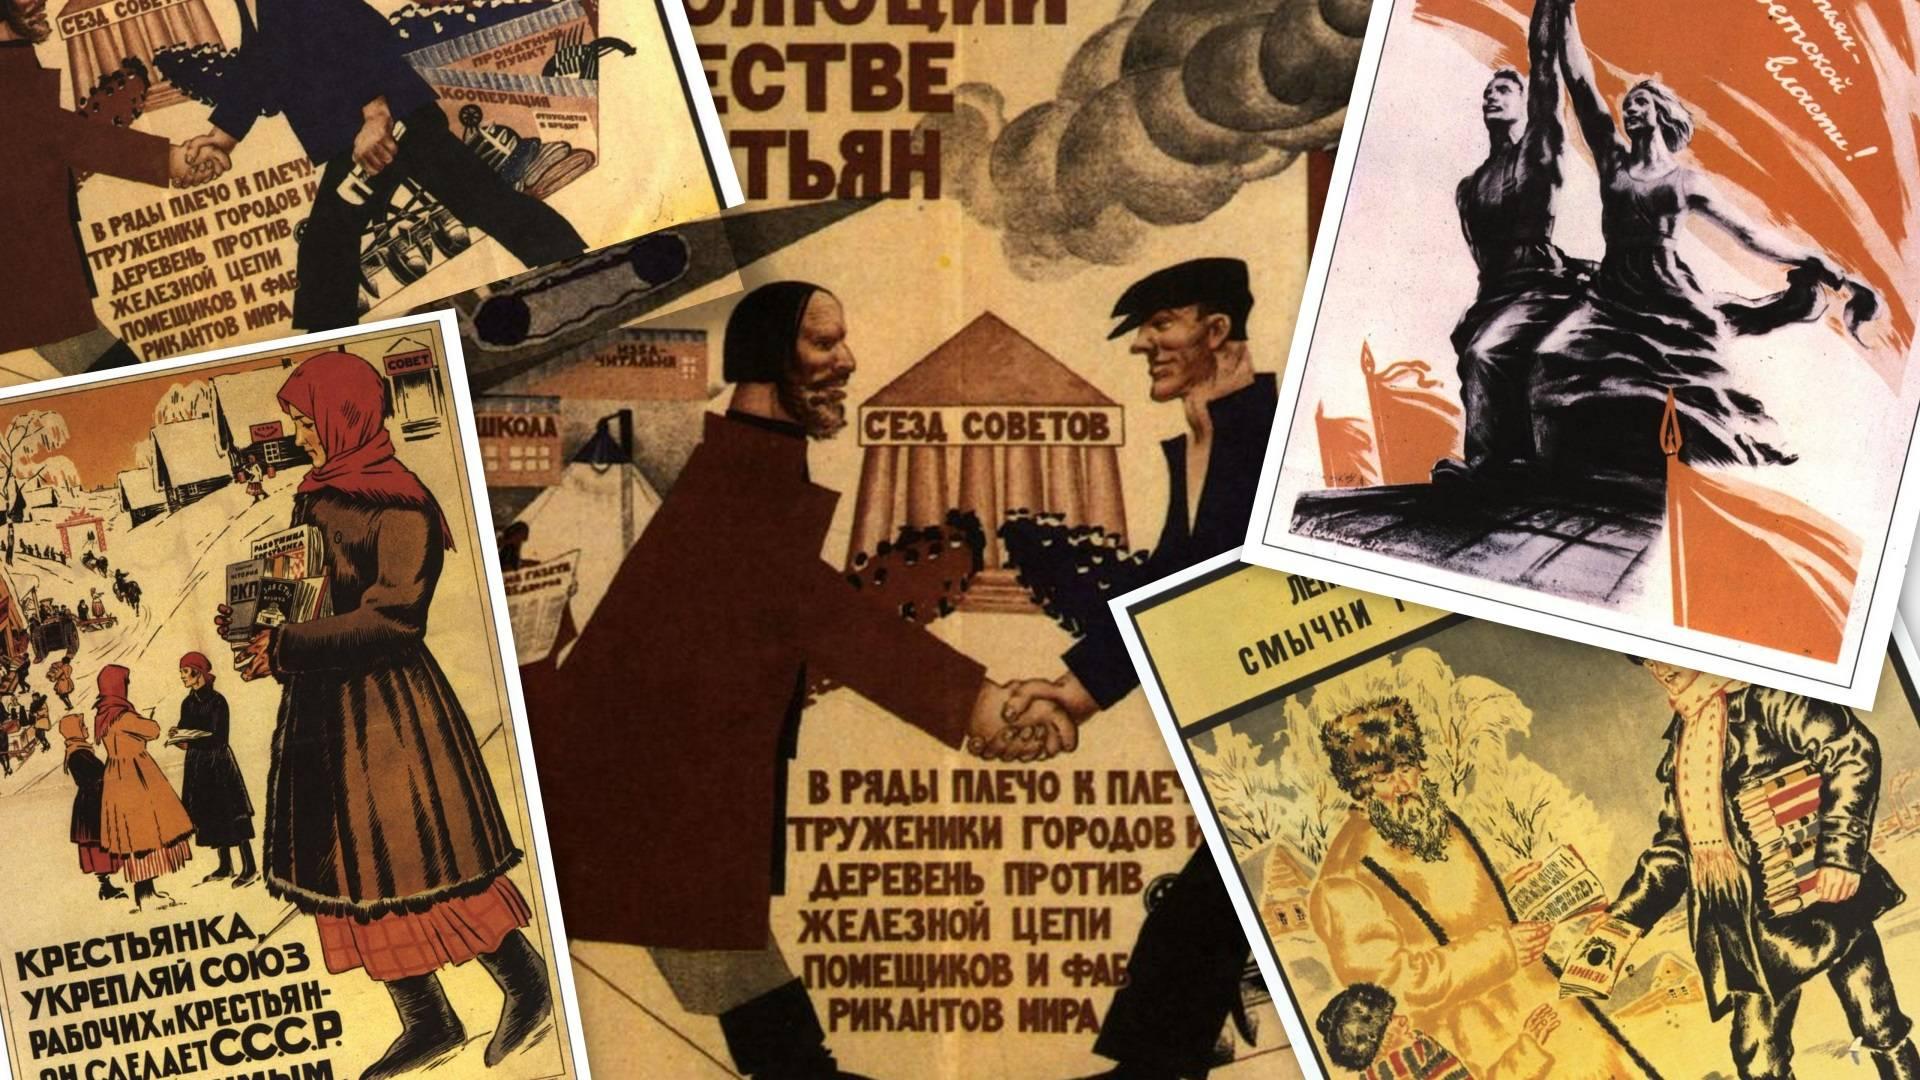 Советские плакаты. Союз рабочих и крестьян